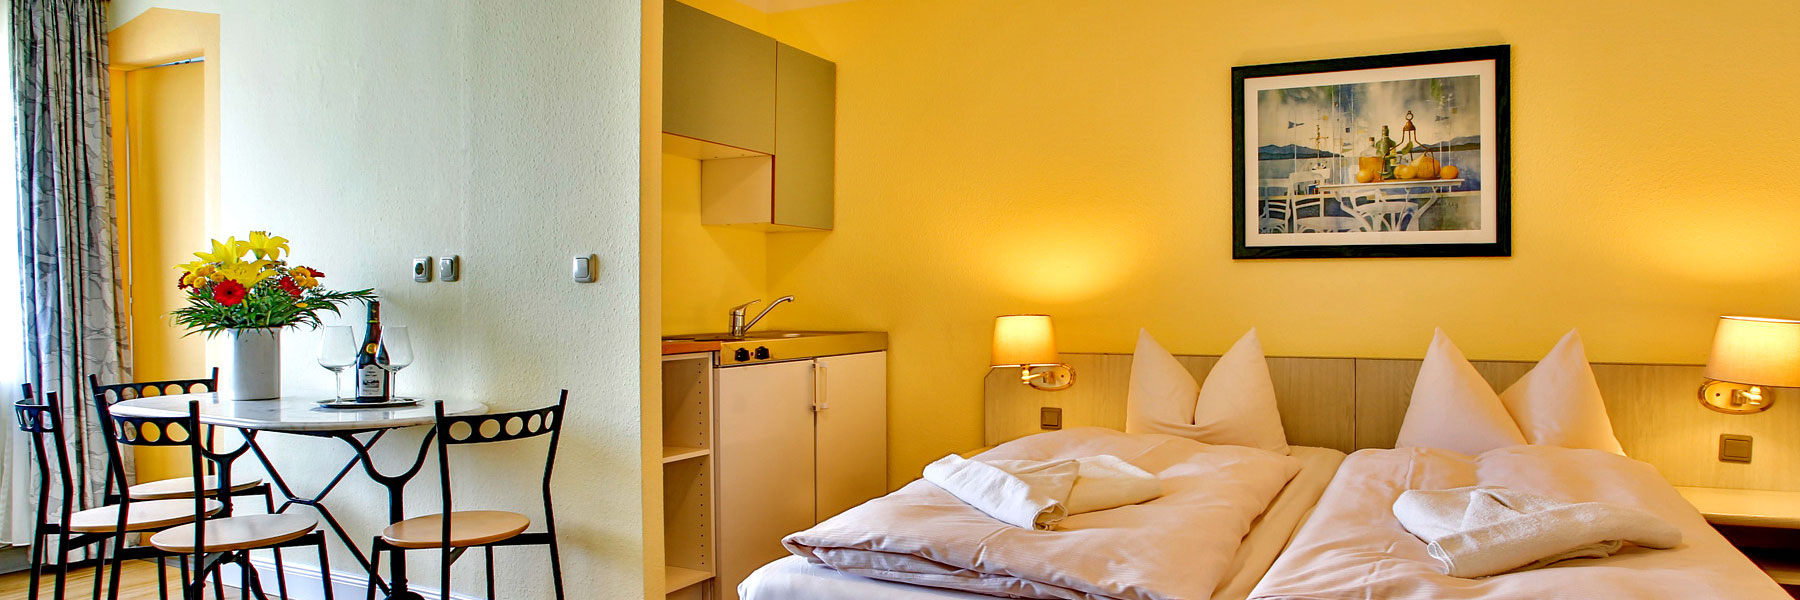 Appartement - Villa Edda (Hotel Garni - Ferienwohnungen - Appartements)